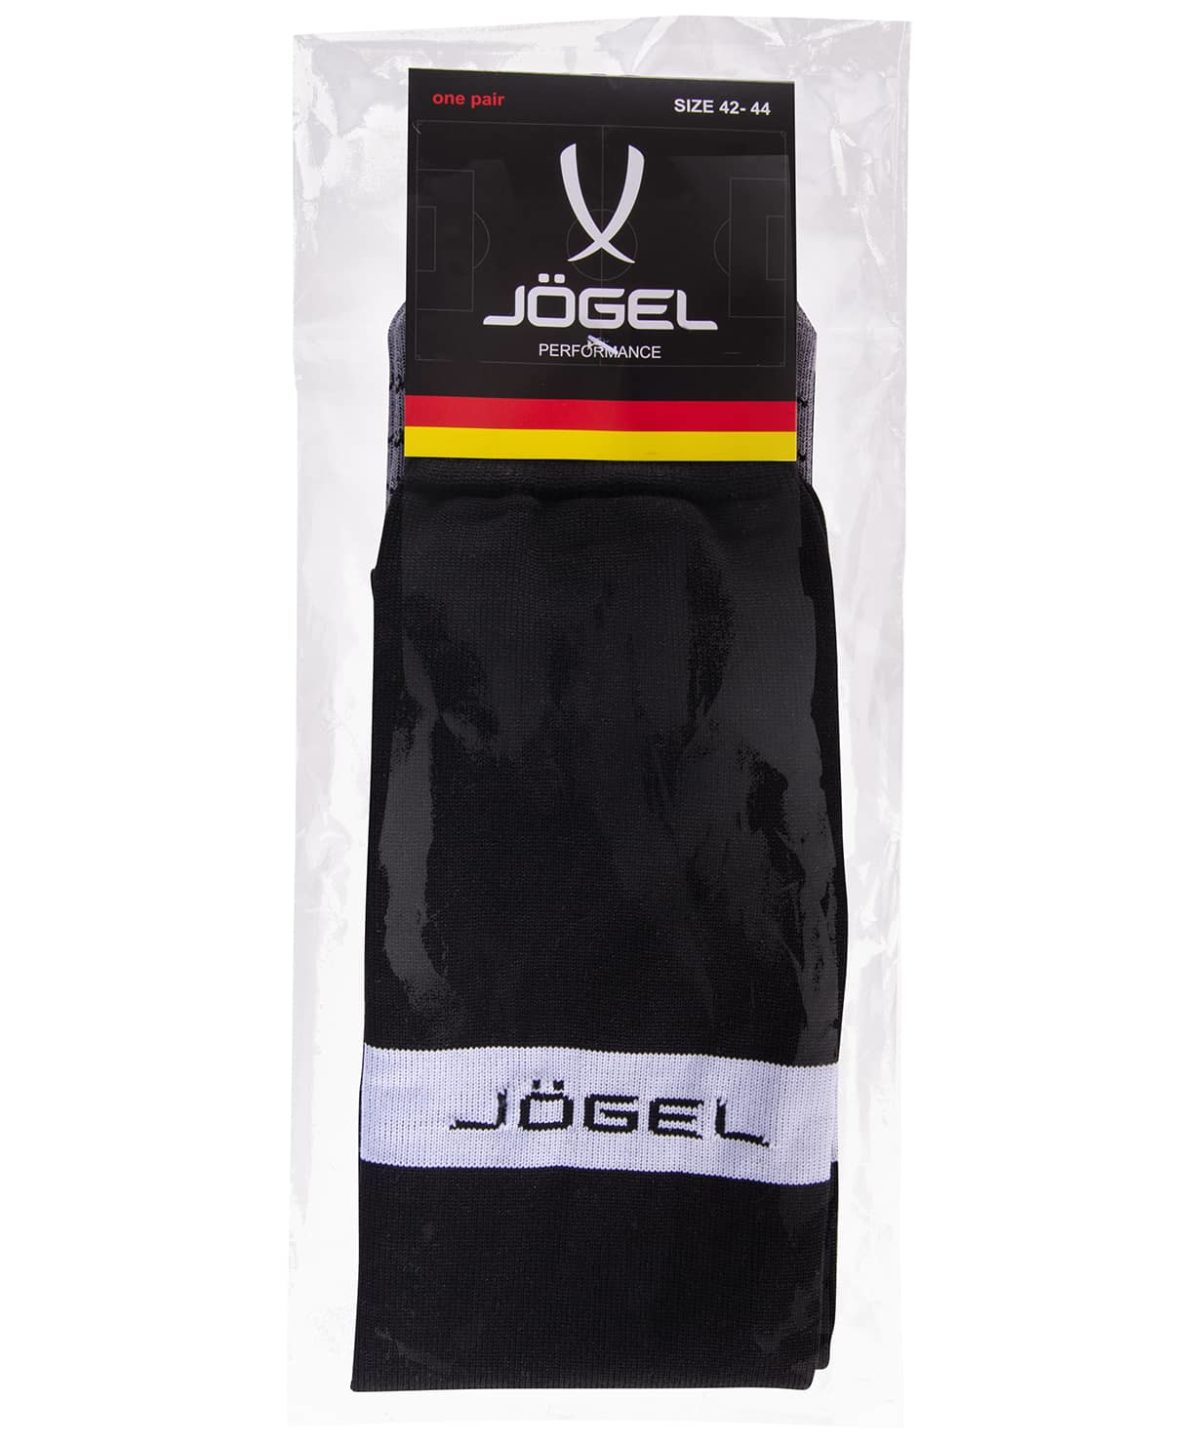 JOGEL Гетры футбольные, черный/белый  JA-003 - 3